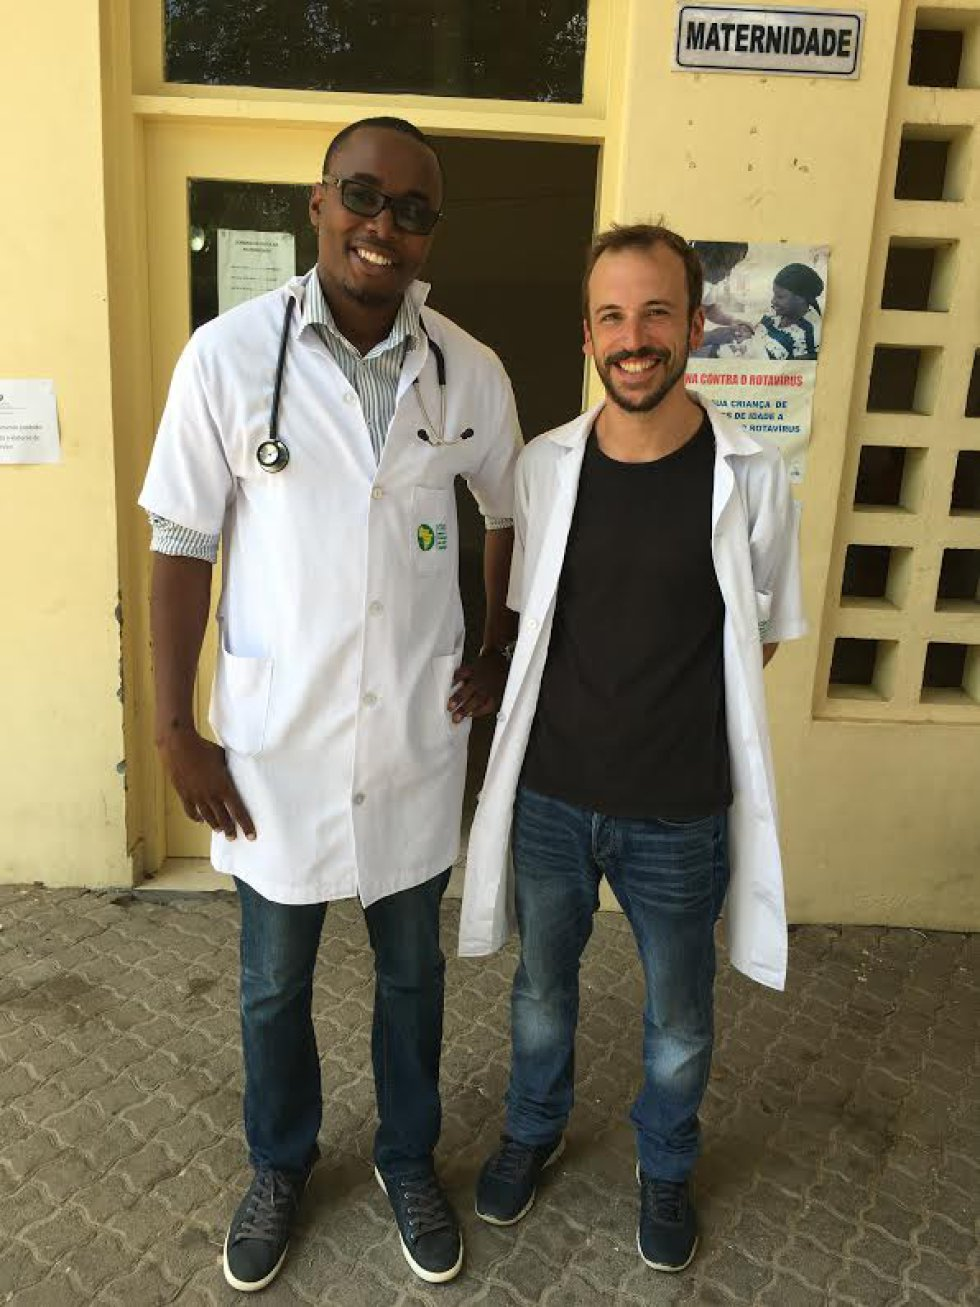 Los doctores Helio y Rosauro, en la entrada del área de maternidad.